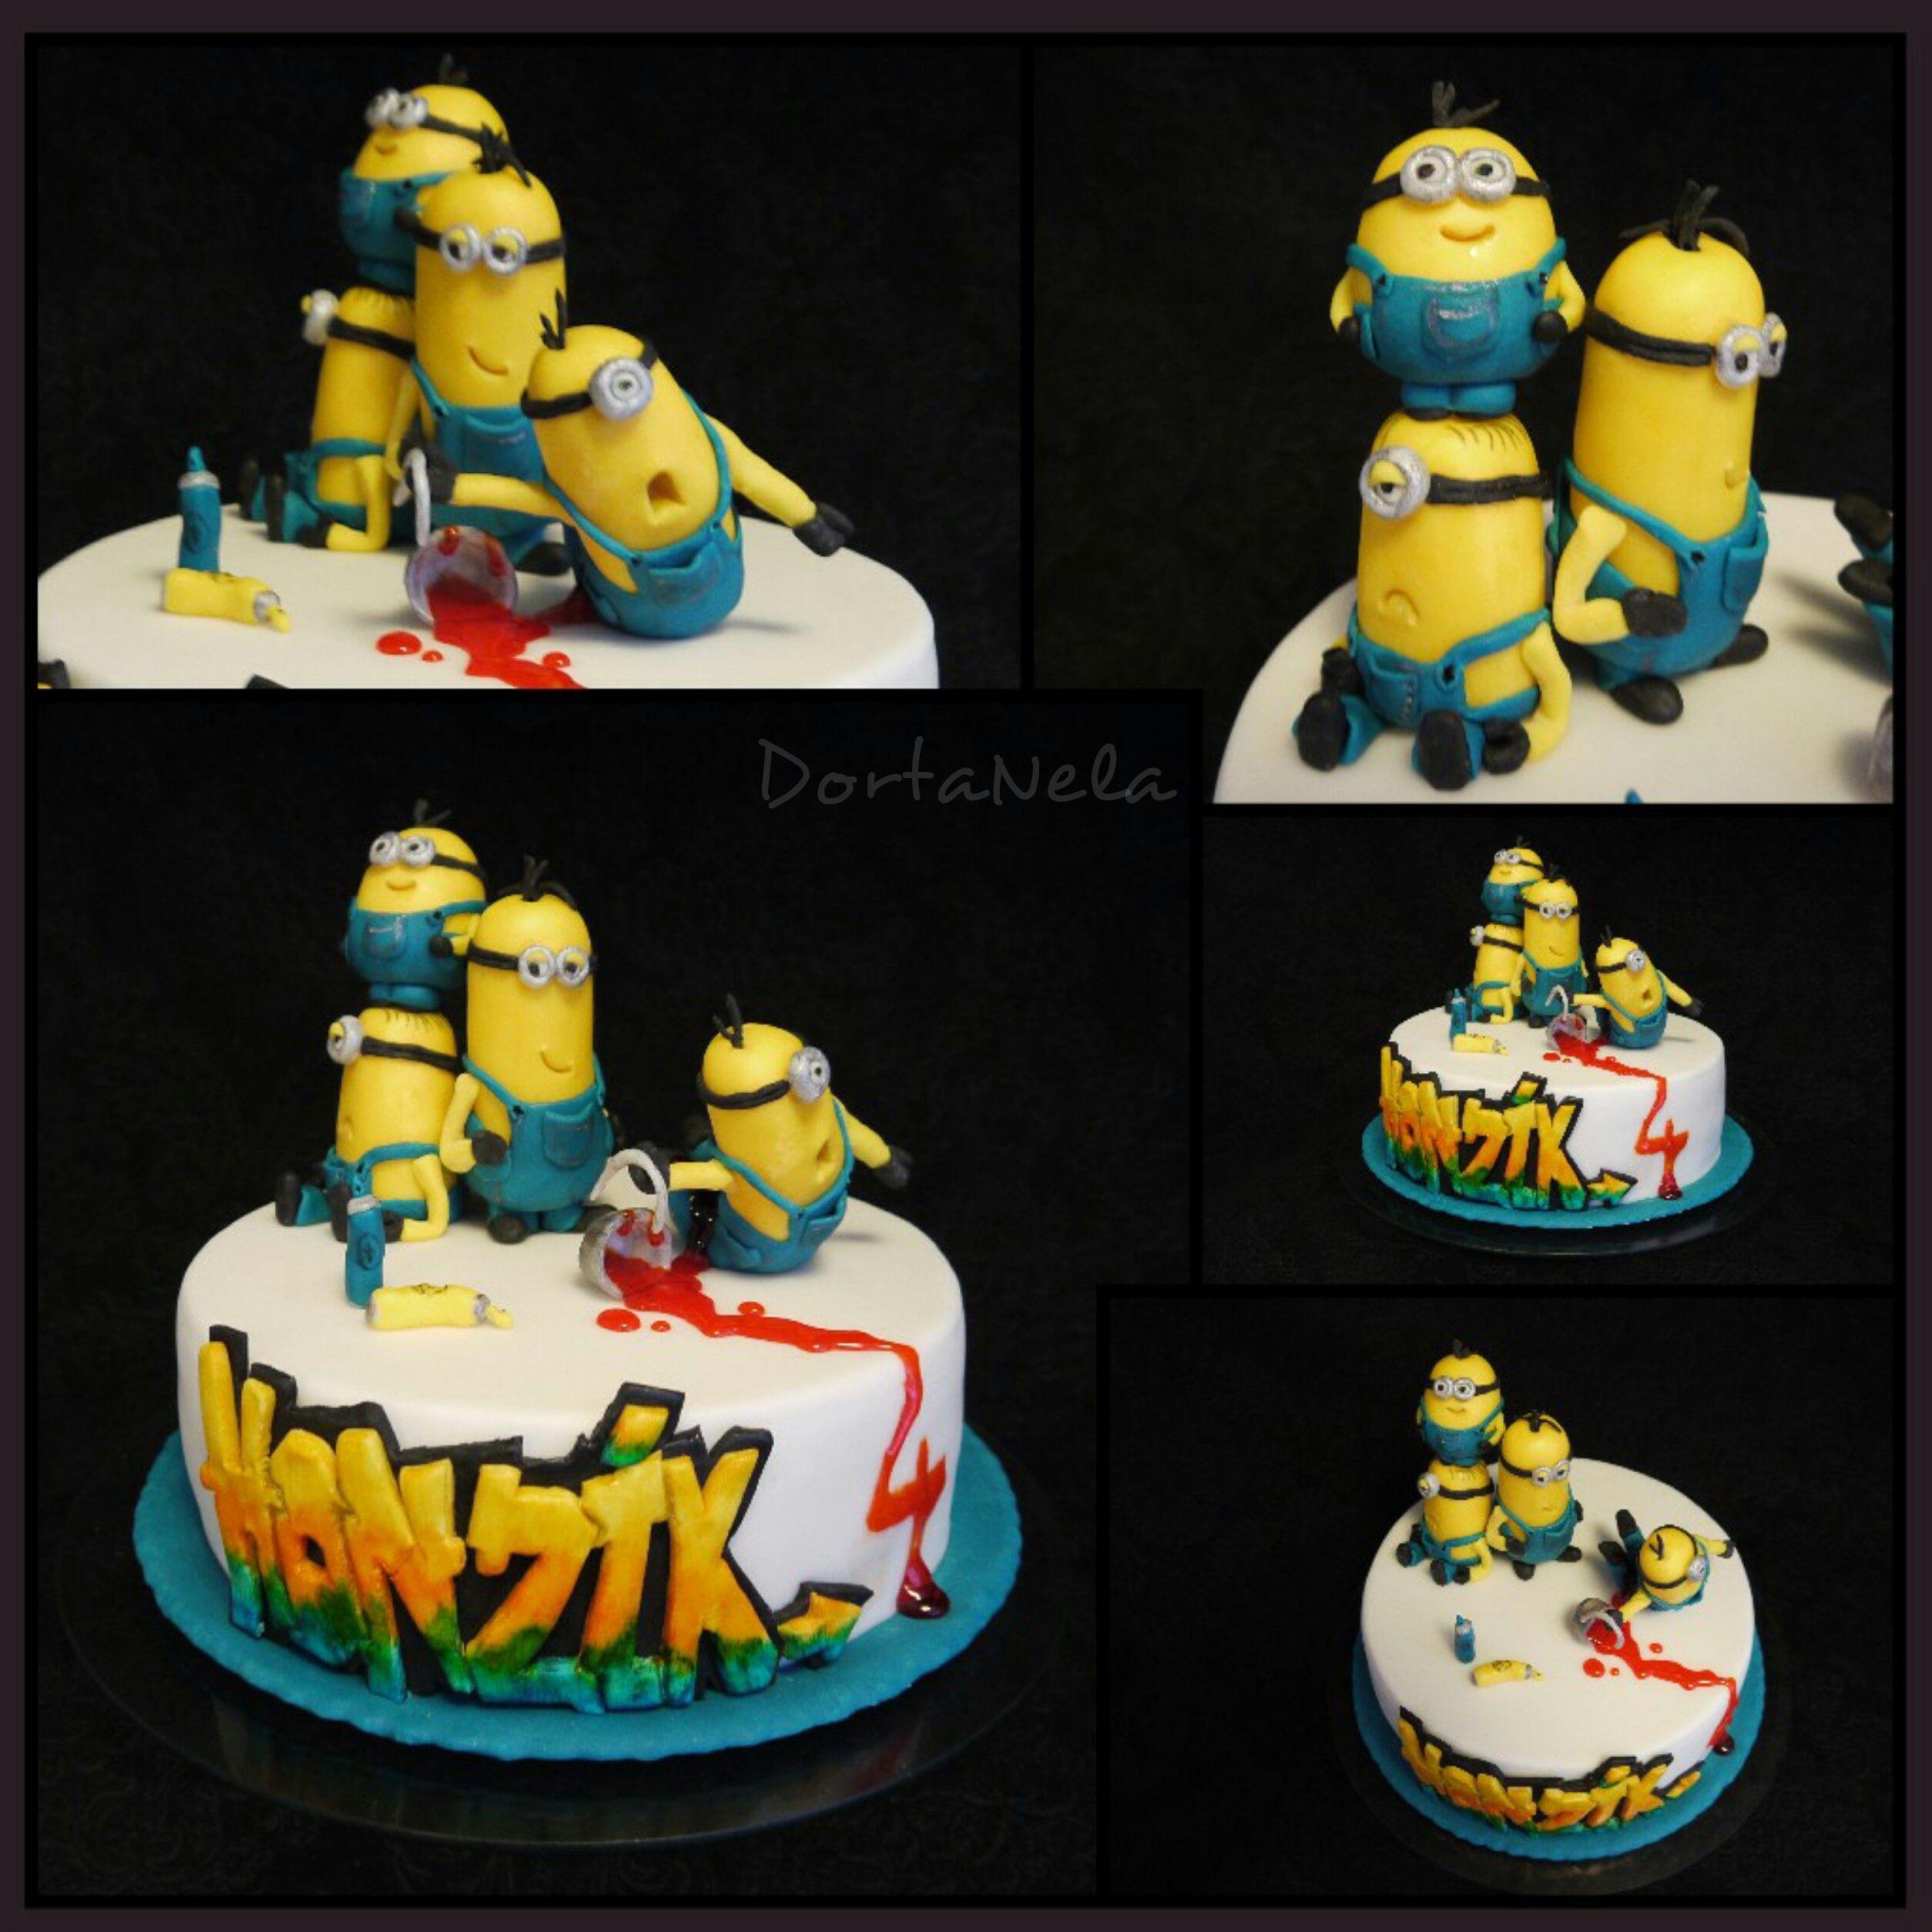 CAKE WITH MINIONS AND GRAFFITI (Sprejující mimoni)